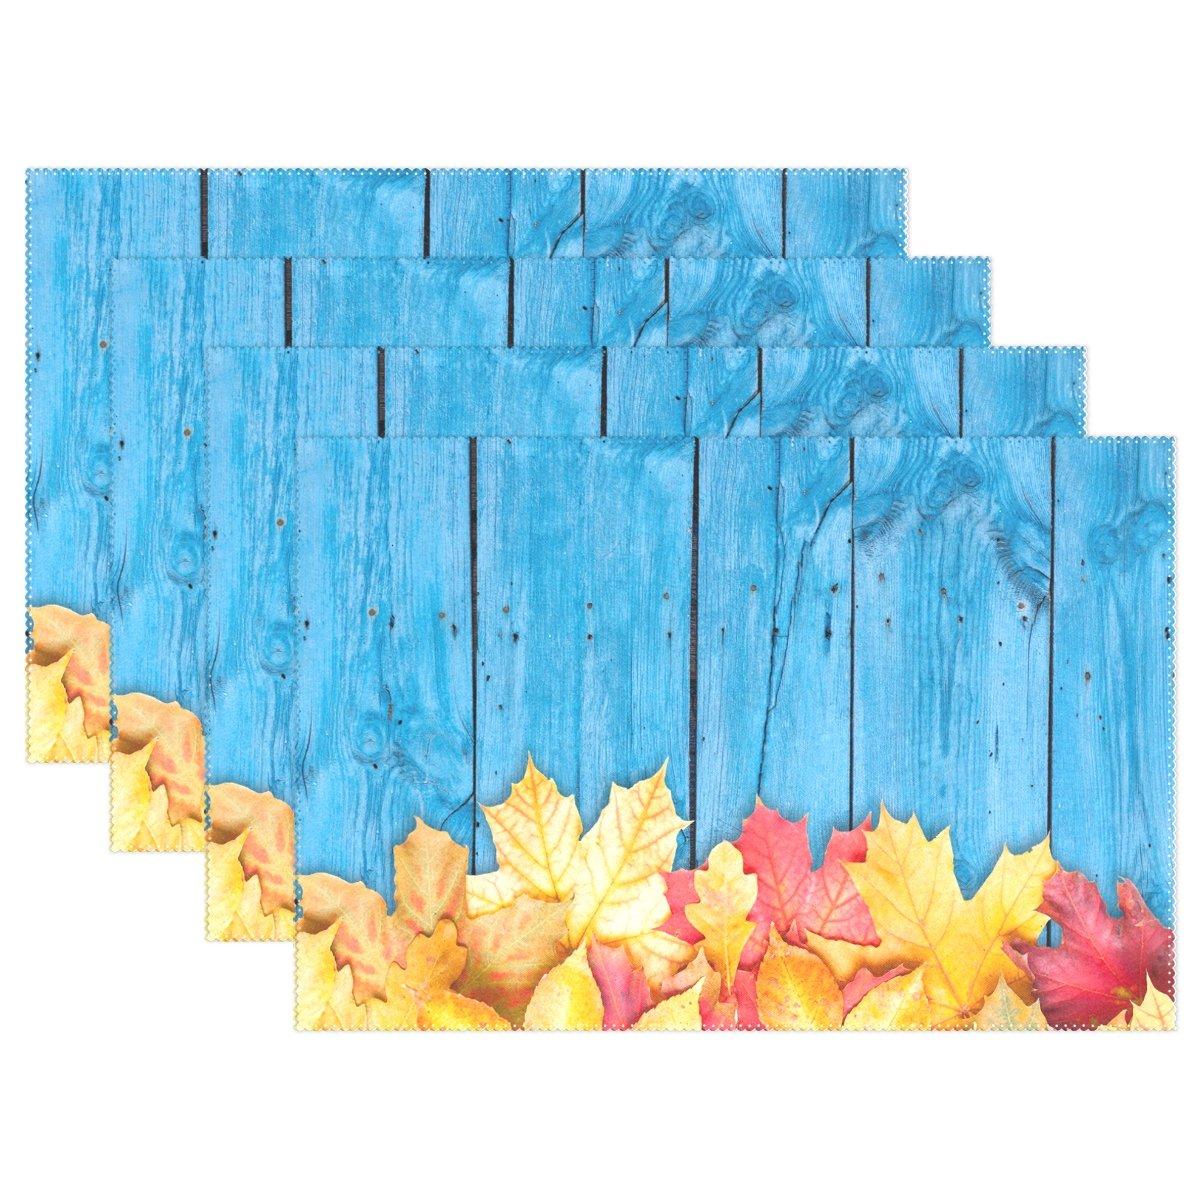 Autumn Leaves Over木製背景印刷、プレースマットalirea耐熱プレースマット汚れ防止滑り防止洗濯可能ポリエステルテーブルマット非スリップEasy Cleanプレースマット、12